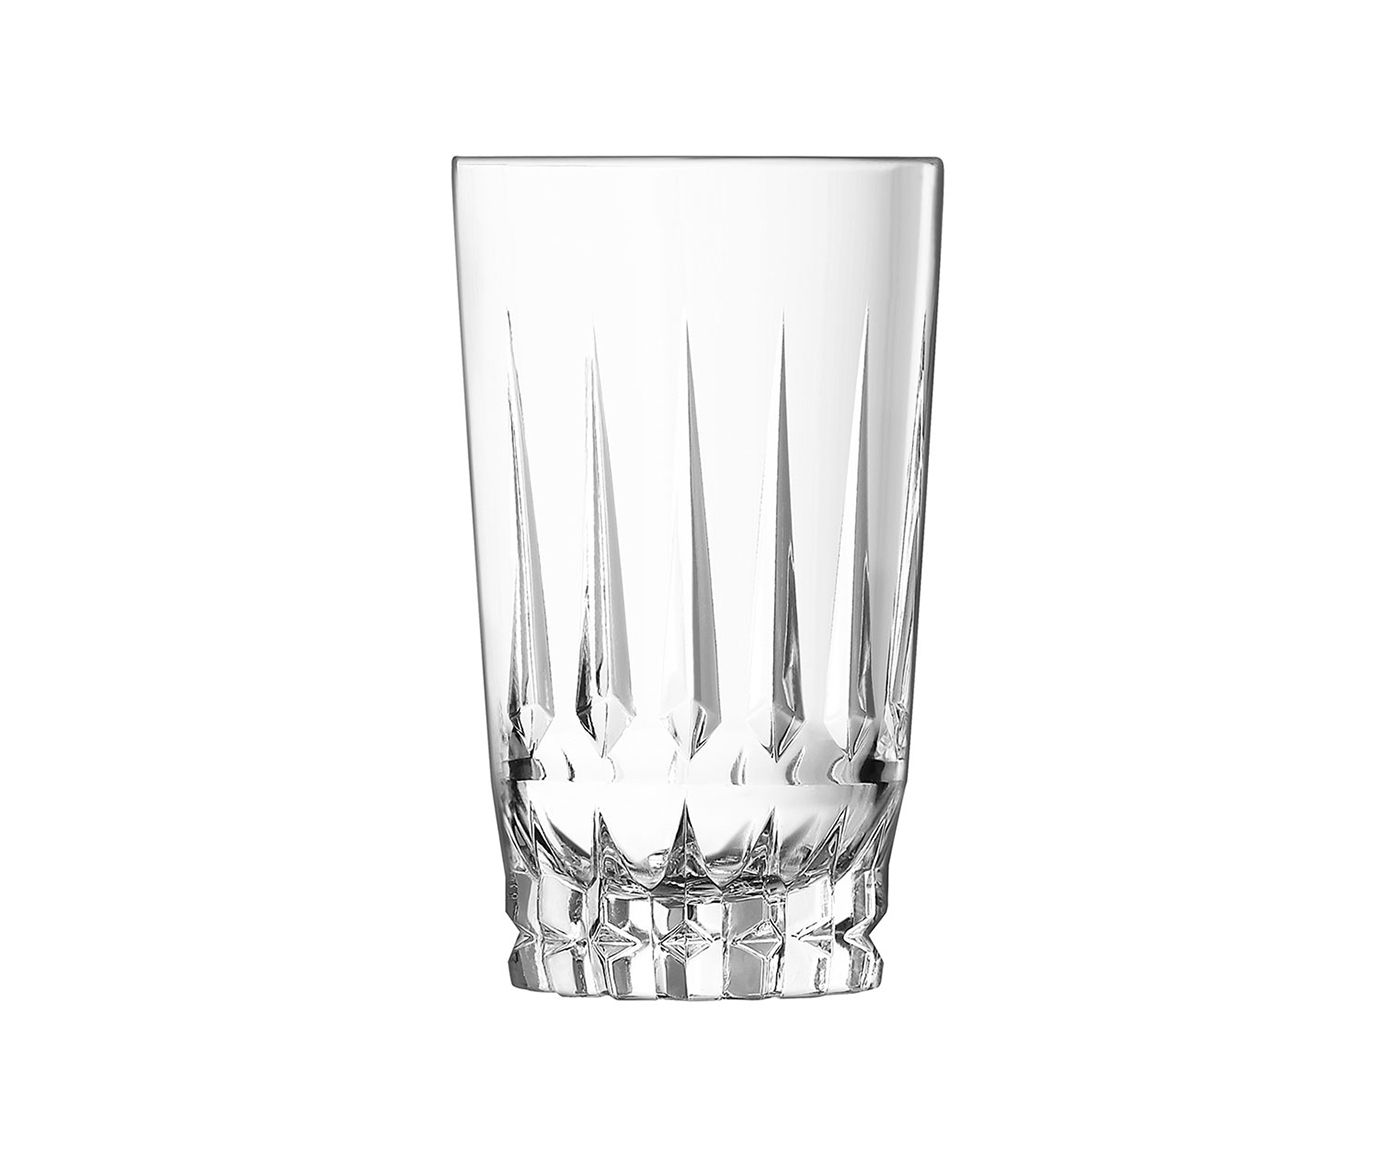 Vaso Ornements Transparente - 28,5cm | Westwing.com.br